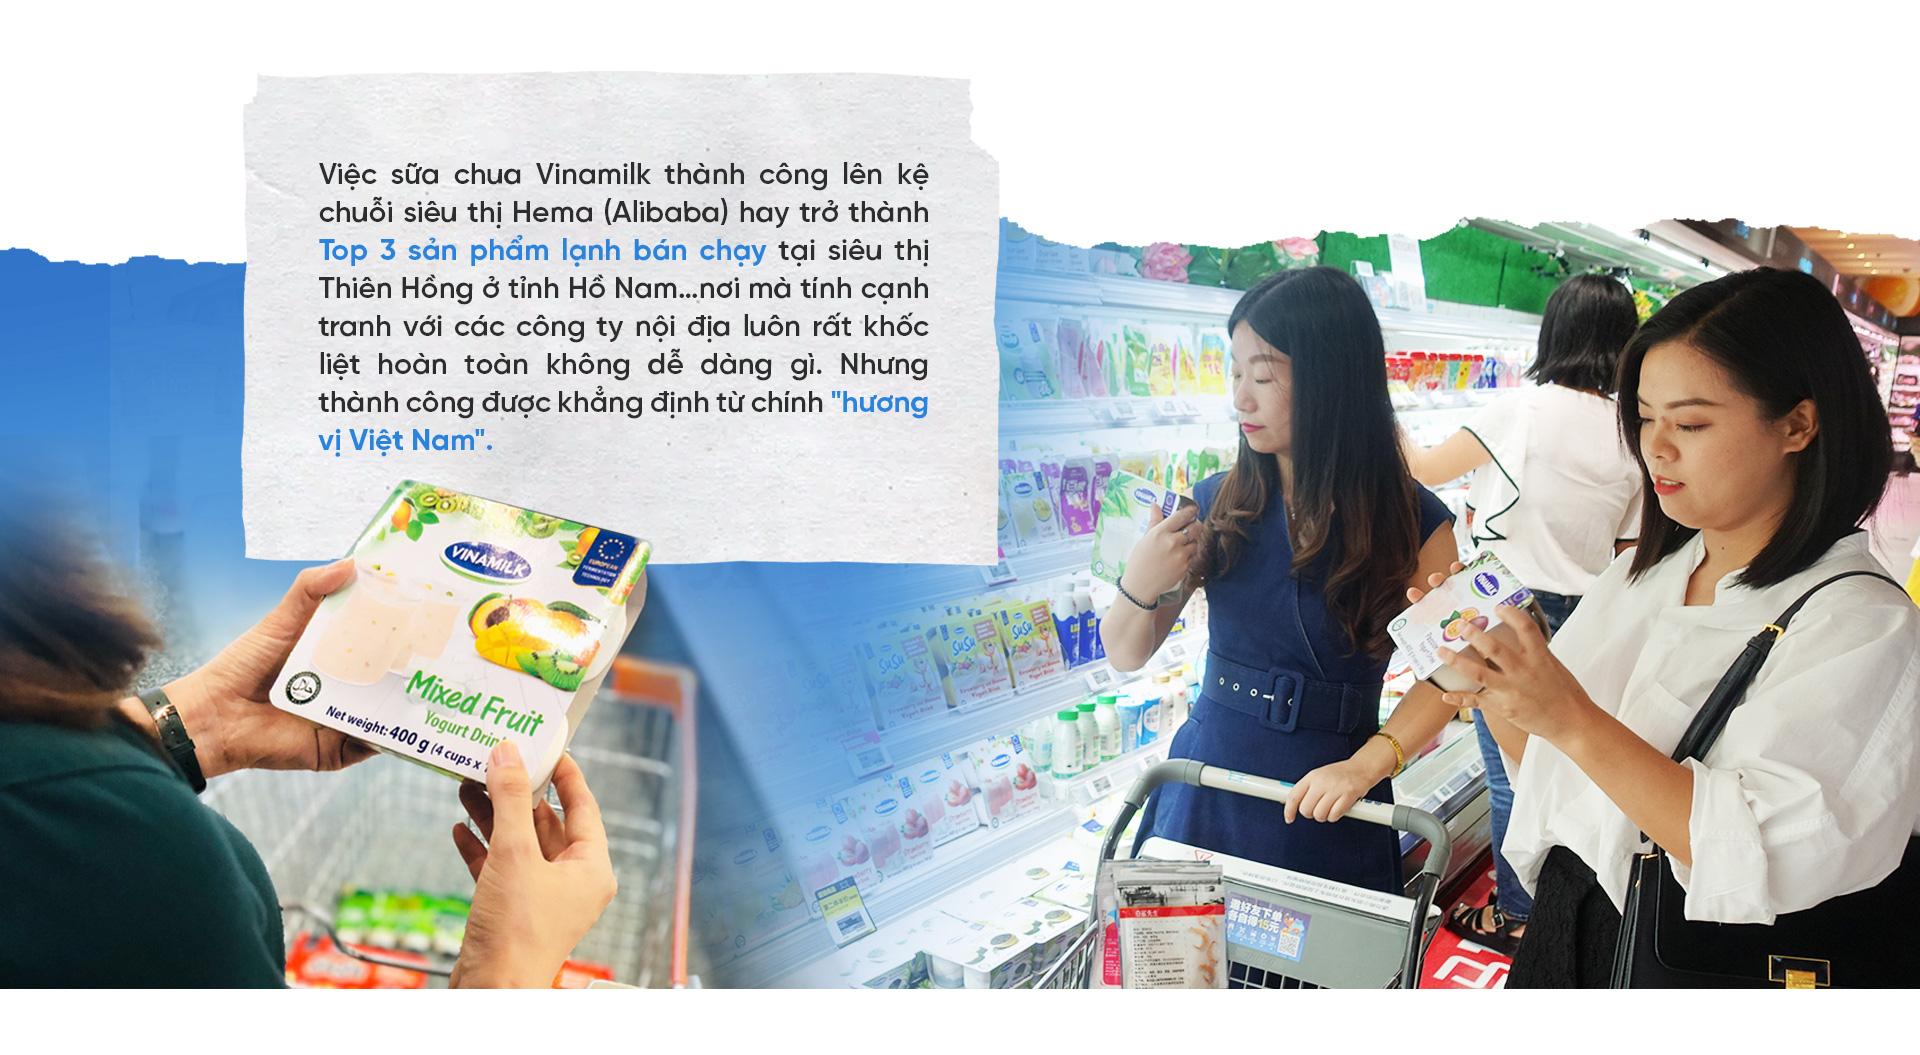 Vinamilk: Dấu son sữa Việt trên đấu trường quốc tế - Ảnh 6.